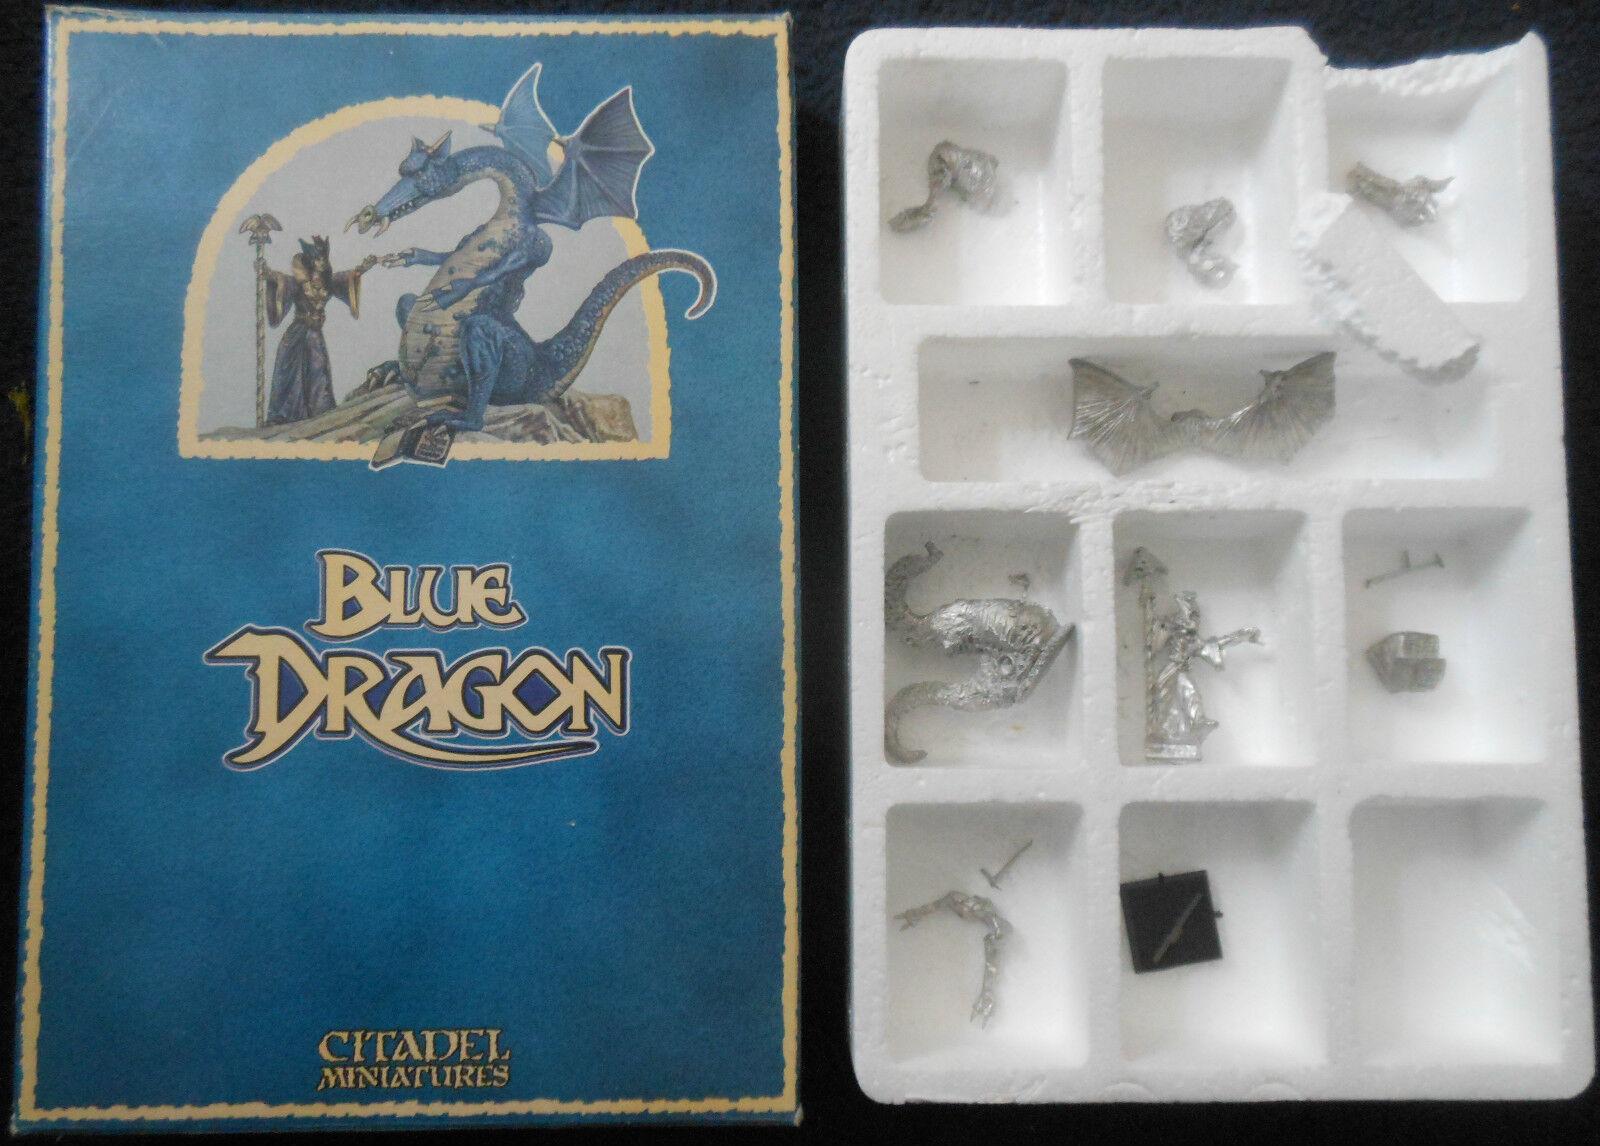 1987 DRAG2 blå Dungeons och drakes spelverkstad Citadel Sorceress Warhammer GW